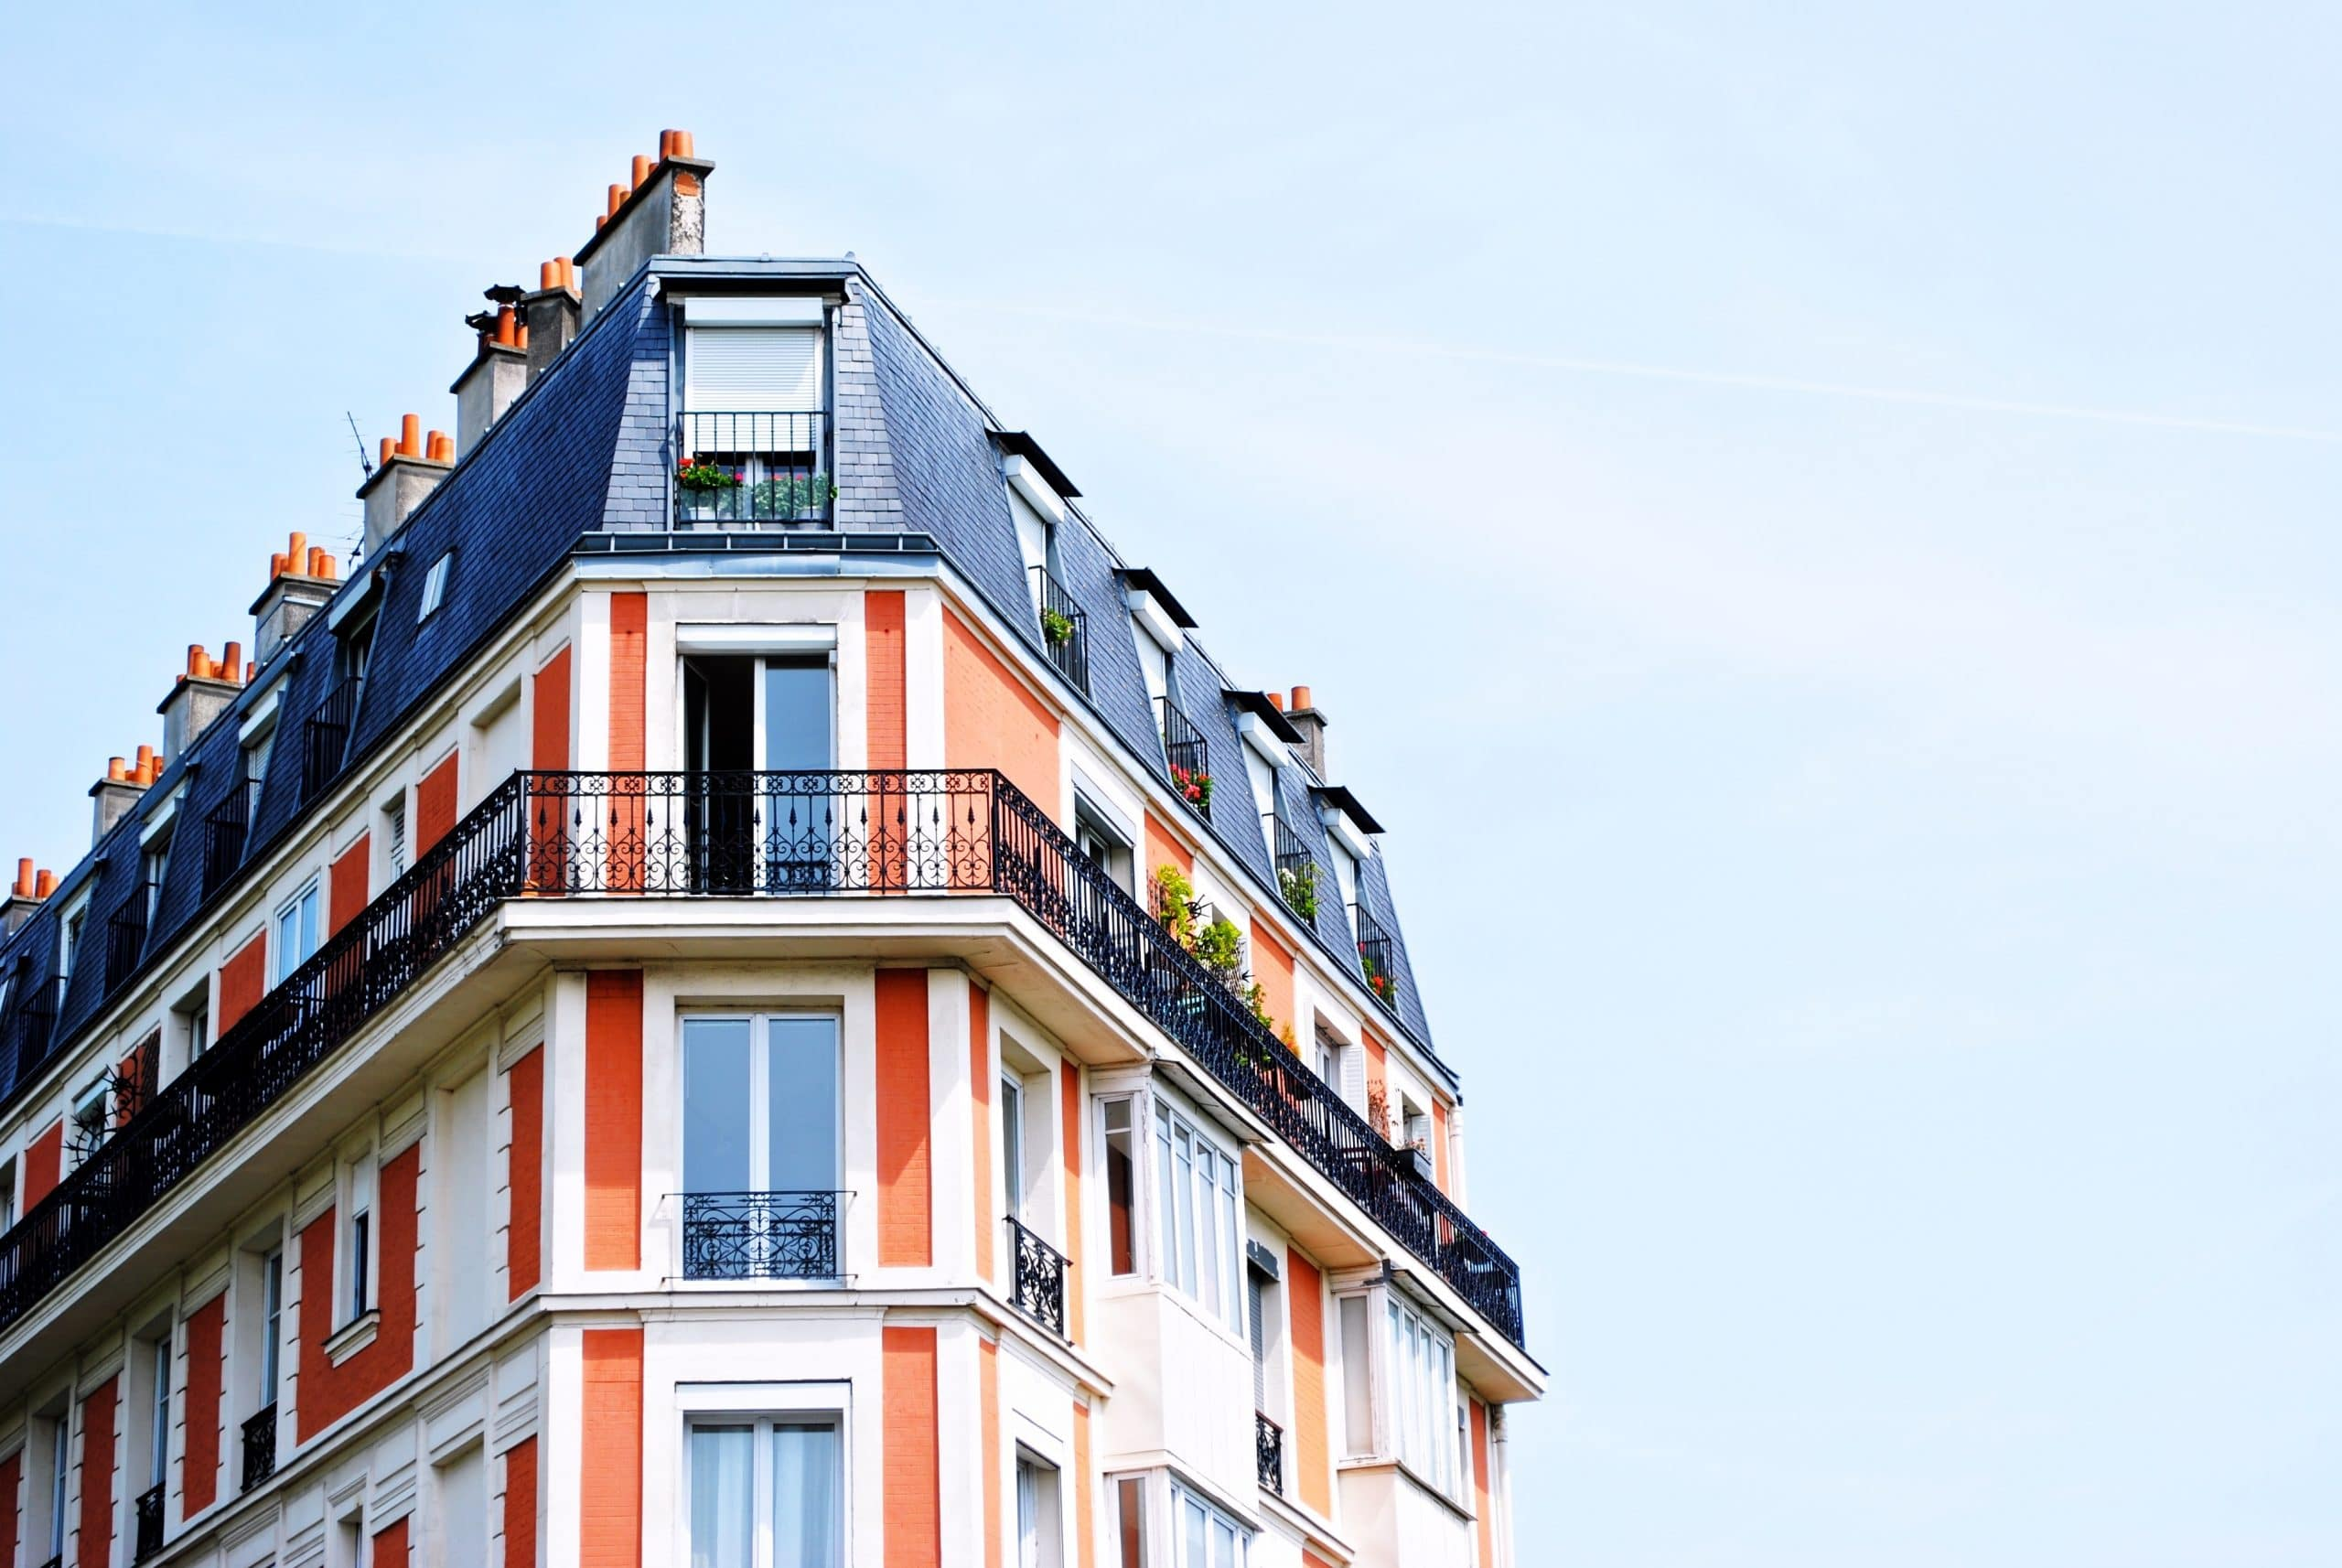 Worauf achten beim Wohnungskauf? Tipps für Immobilienkäufer